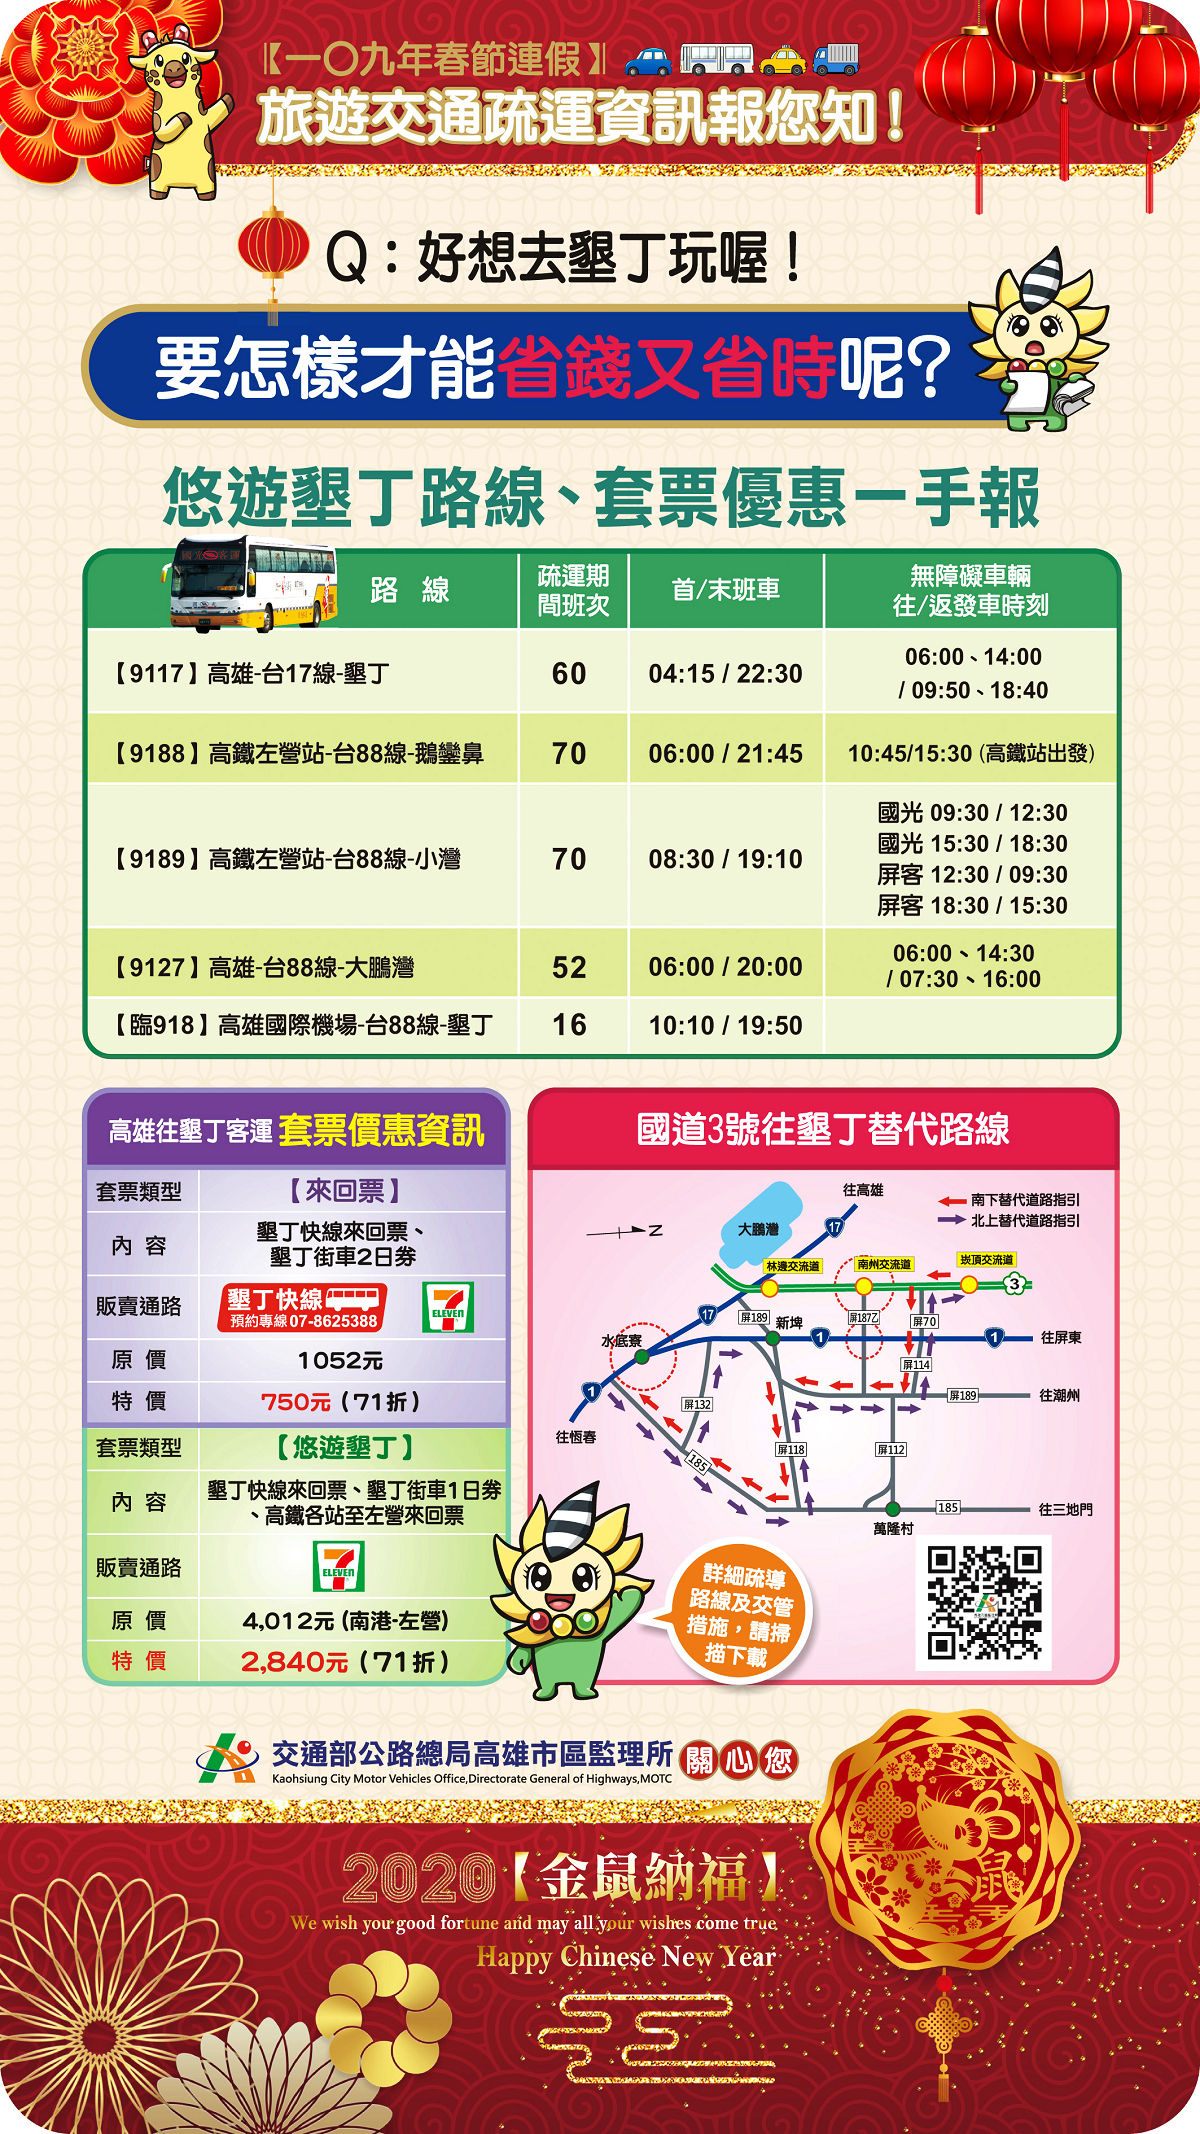 悠遊墾丁路線套票優惠表(圖片來源:交通部公路總局)